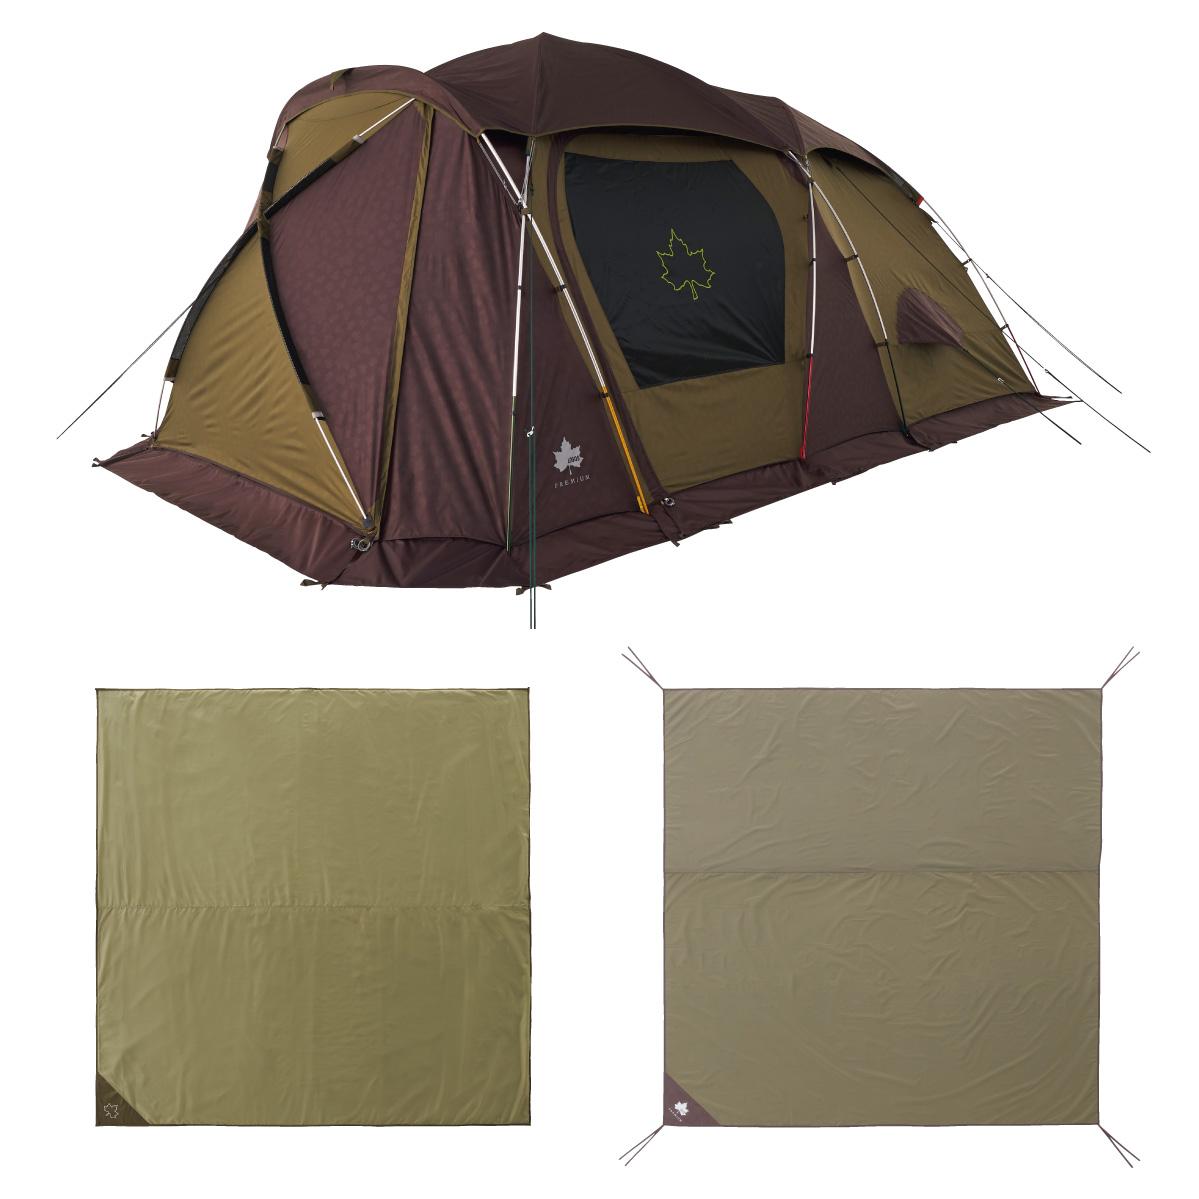 ロゴス(LOGOS) キャンプ用テント(3~5人用) プレミアム PANELグレートドゥーブル XL-BJチャレンジセット 71809558 テント タープ キャンプ用テント キャンプ アウトドア